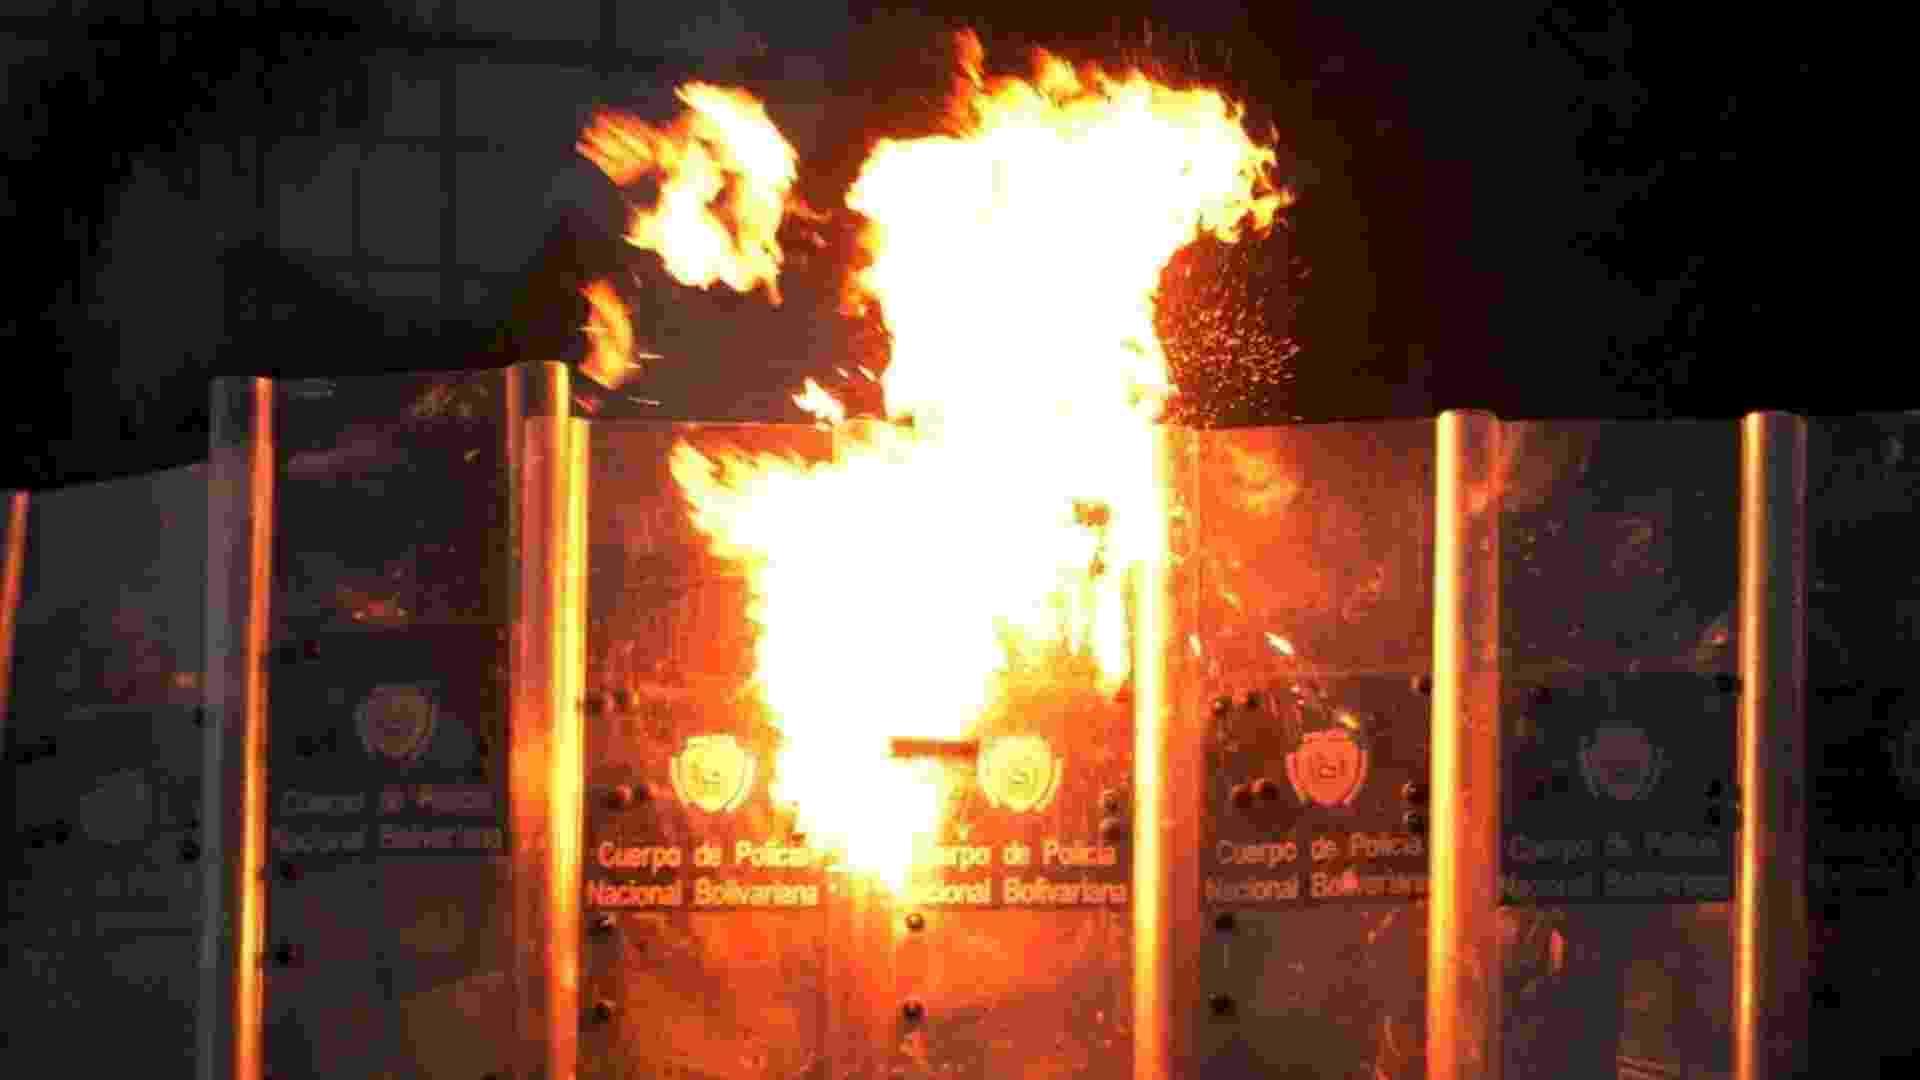 4.abr.2014 - Coquetel molotov é lançado por manifestantes em barreira policial durante protesto em Caracas, na Venezuela, nesta sexta-feira (4). O procurador-geral da Venezuela acusou formalmente Lopez por incitar os protestos antigovernamentais que agitaram o país durante dois meses, provocando manifestações em Caracas nesta sexta - Federico Parra/AFP